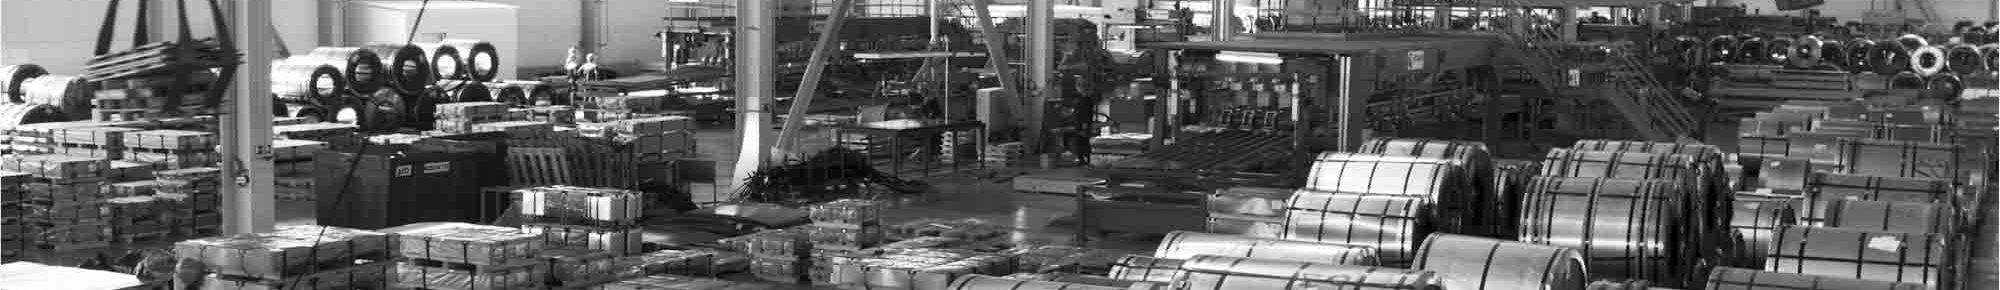 Купить металлопрокат в СПб